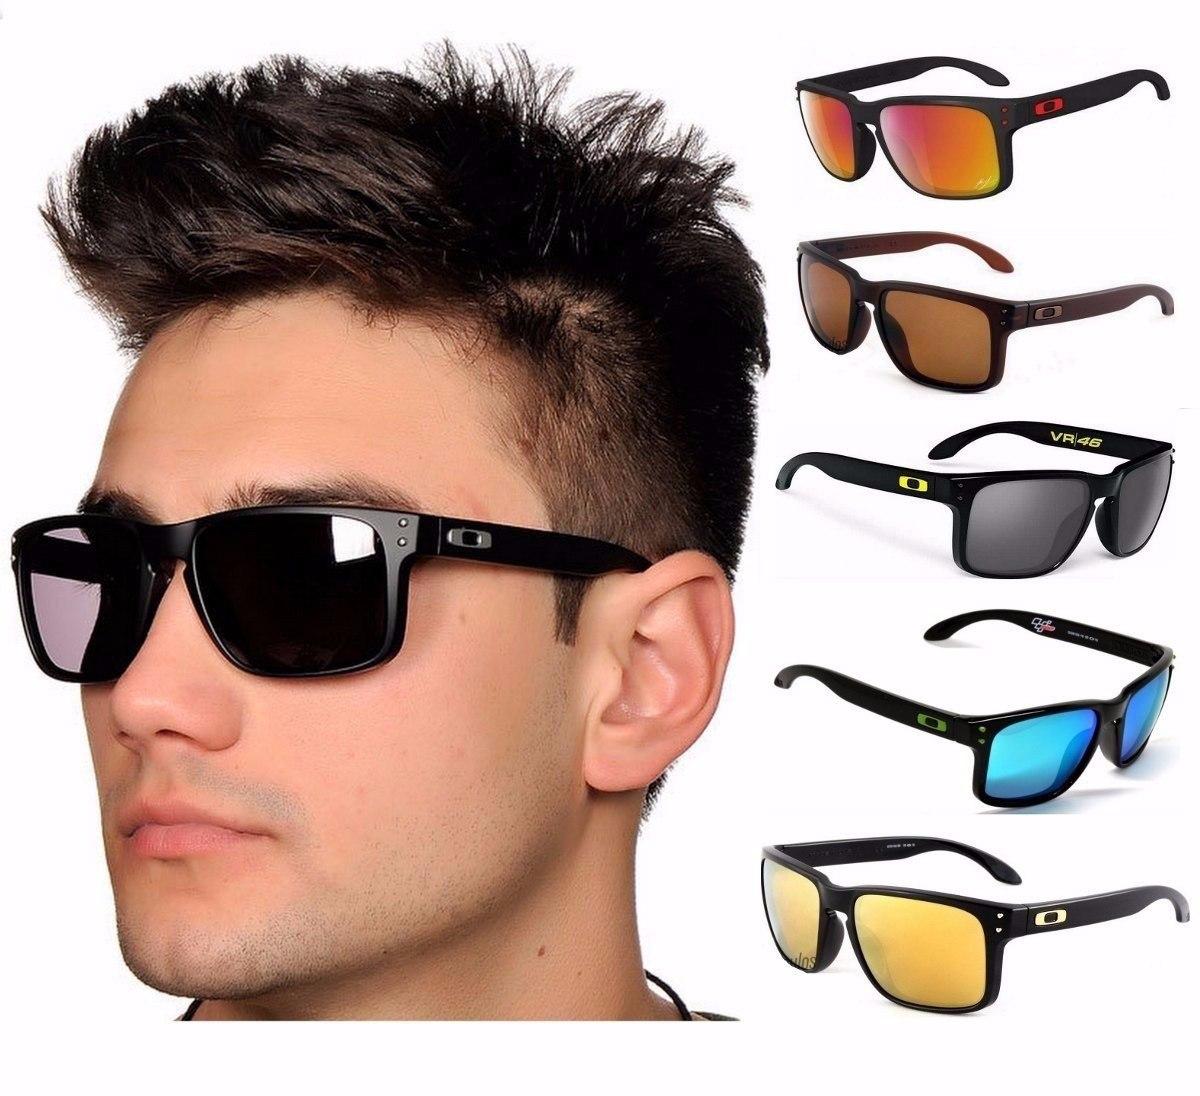 Óculos Holbrook Lente Espelhada + Garantia + Frete Gratís - R  109,90 em  Mercado Livre 9707c1d976